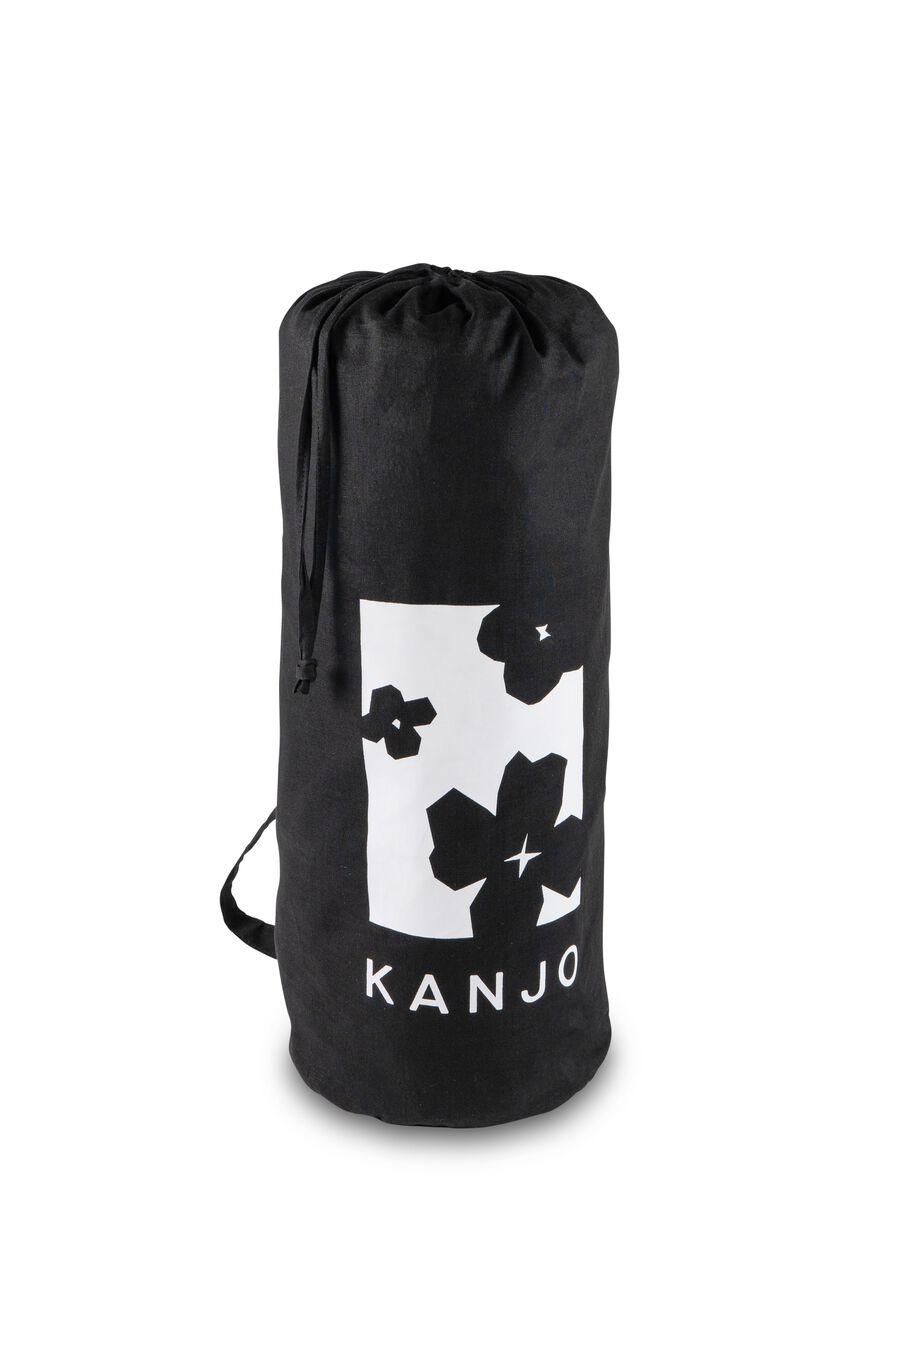 Kanjo Memory Foam Acupressure Mat Set, Large, , large image number 7